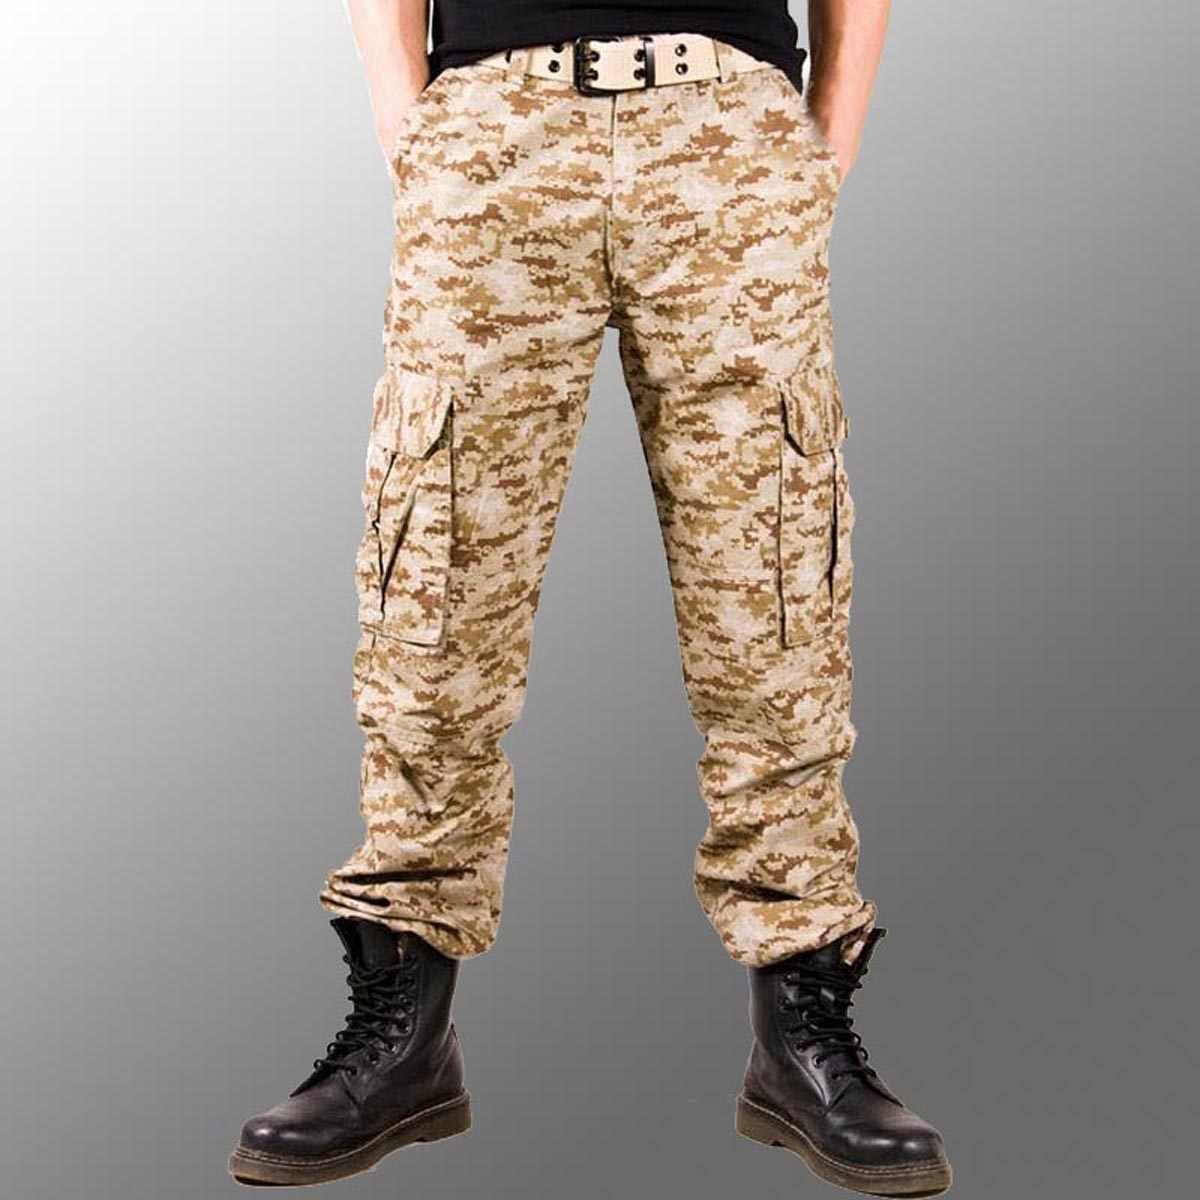 Сезон: весна–лето военный тактический камуфляж армейские штаны карго Для мужчин открытый походов, альпинизма штаны брюки со множеством карманов